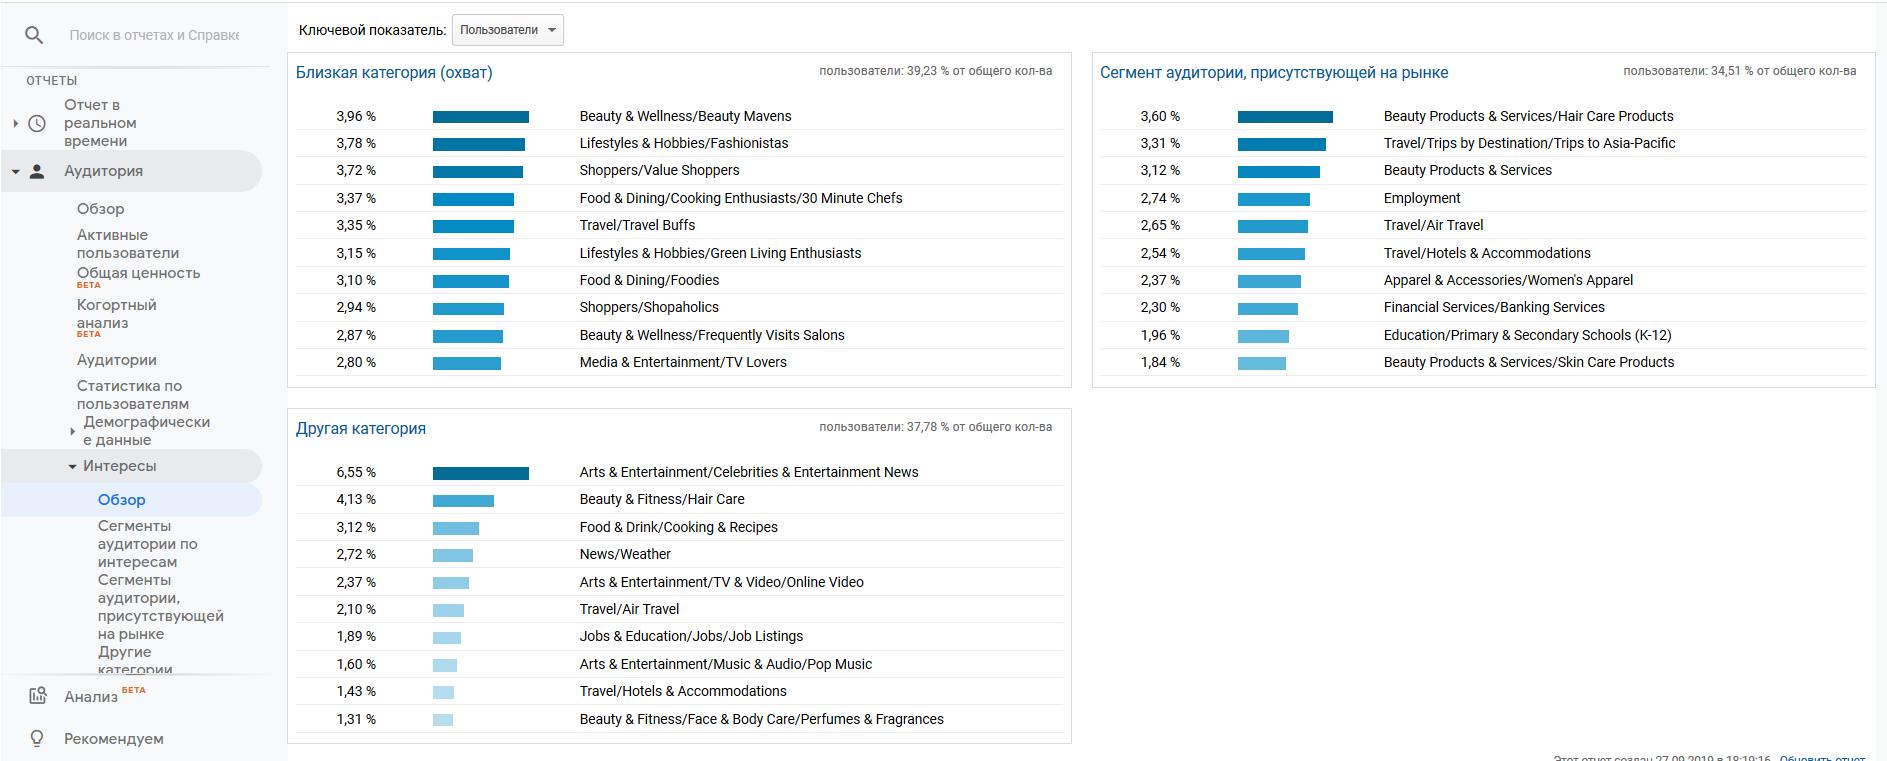 График интересов целевой аудитории бренда